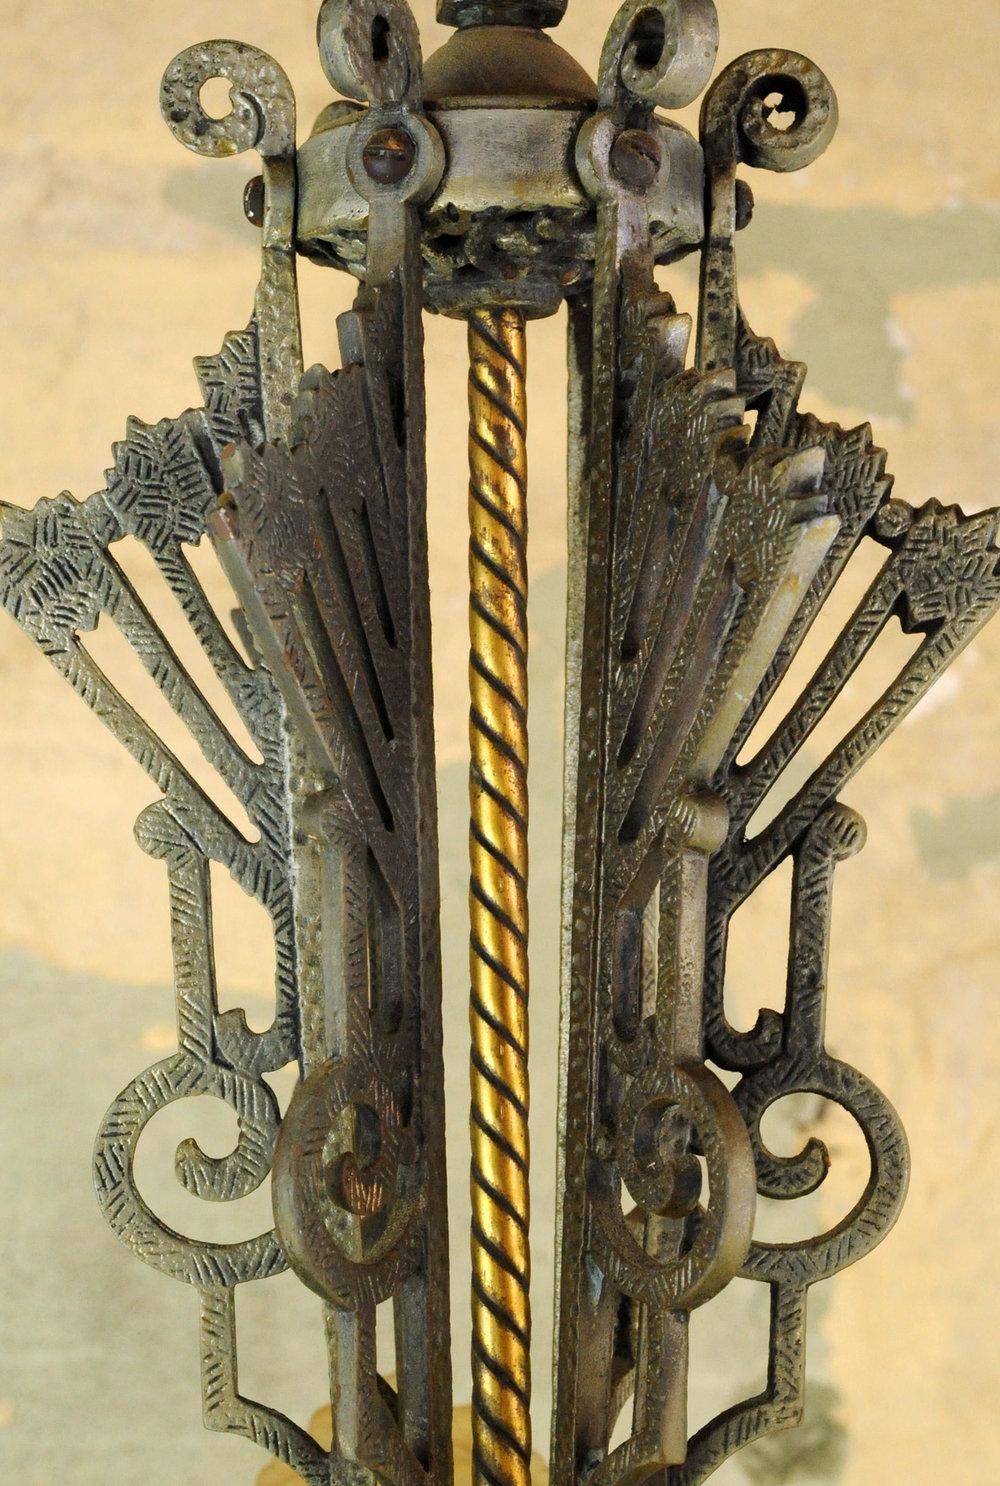 46961-art-deco-chandelier-ornate-metal-detail.jpg